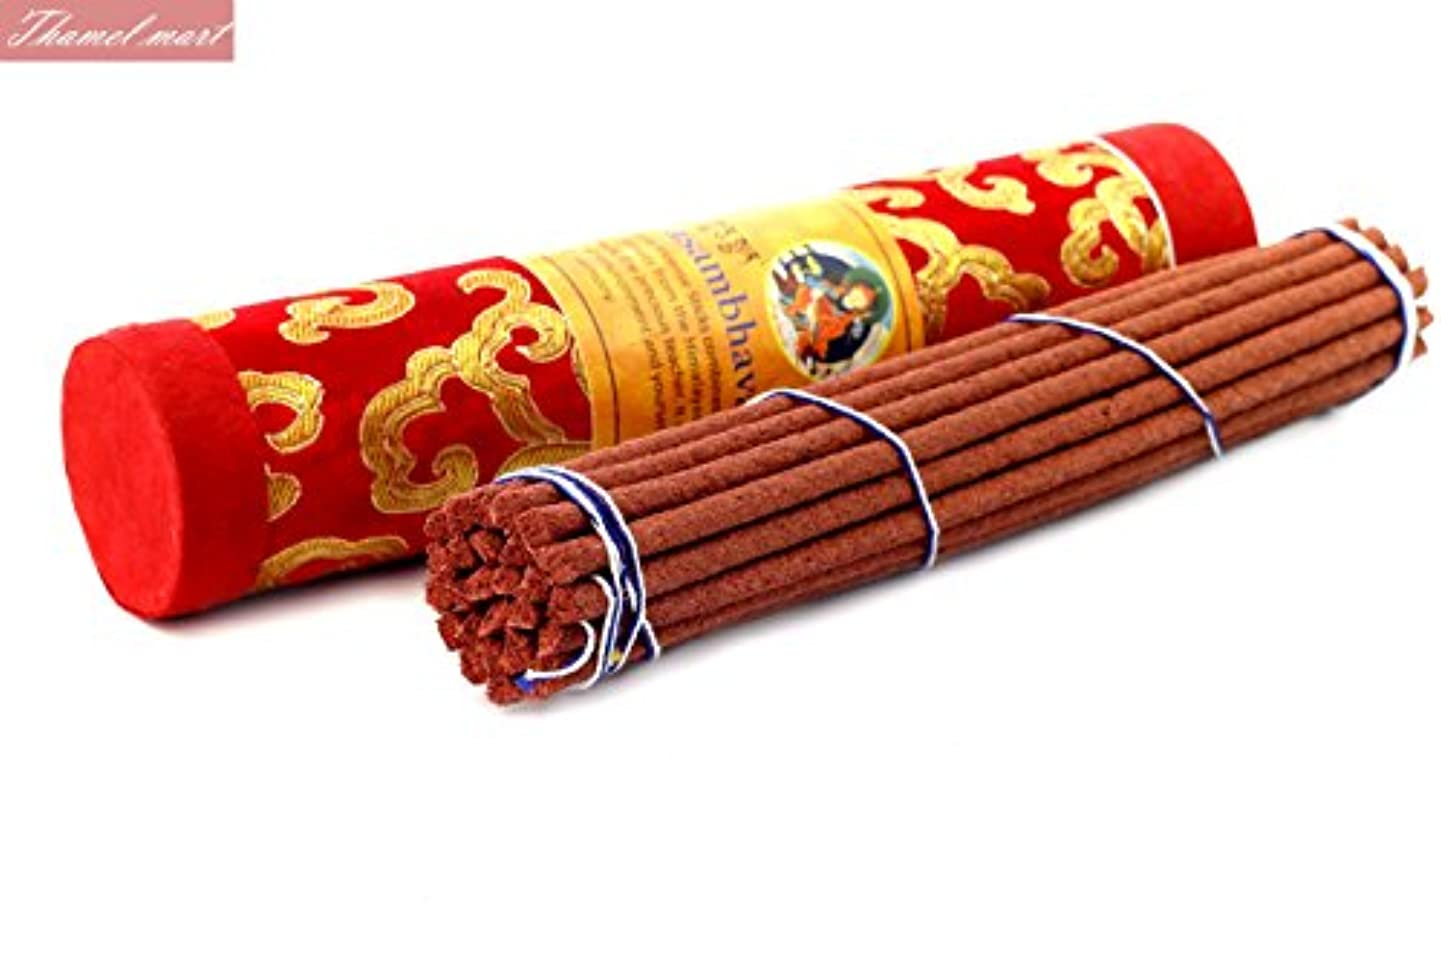 差別化する気をつけて進捗Padmasambhava Tibetan Incense Sticks – Spiritual & Medicinal Relaxation Potpourrisより – 効果的& Scented Oils